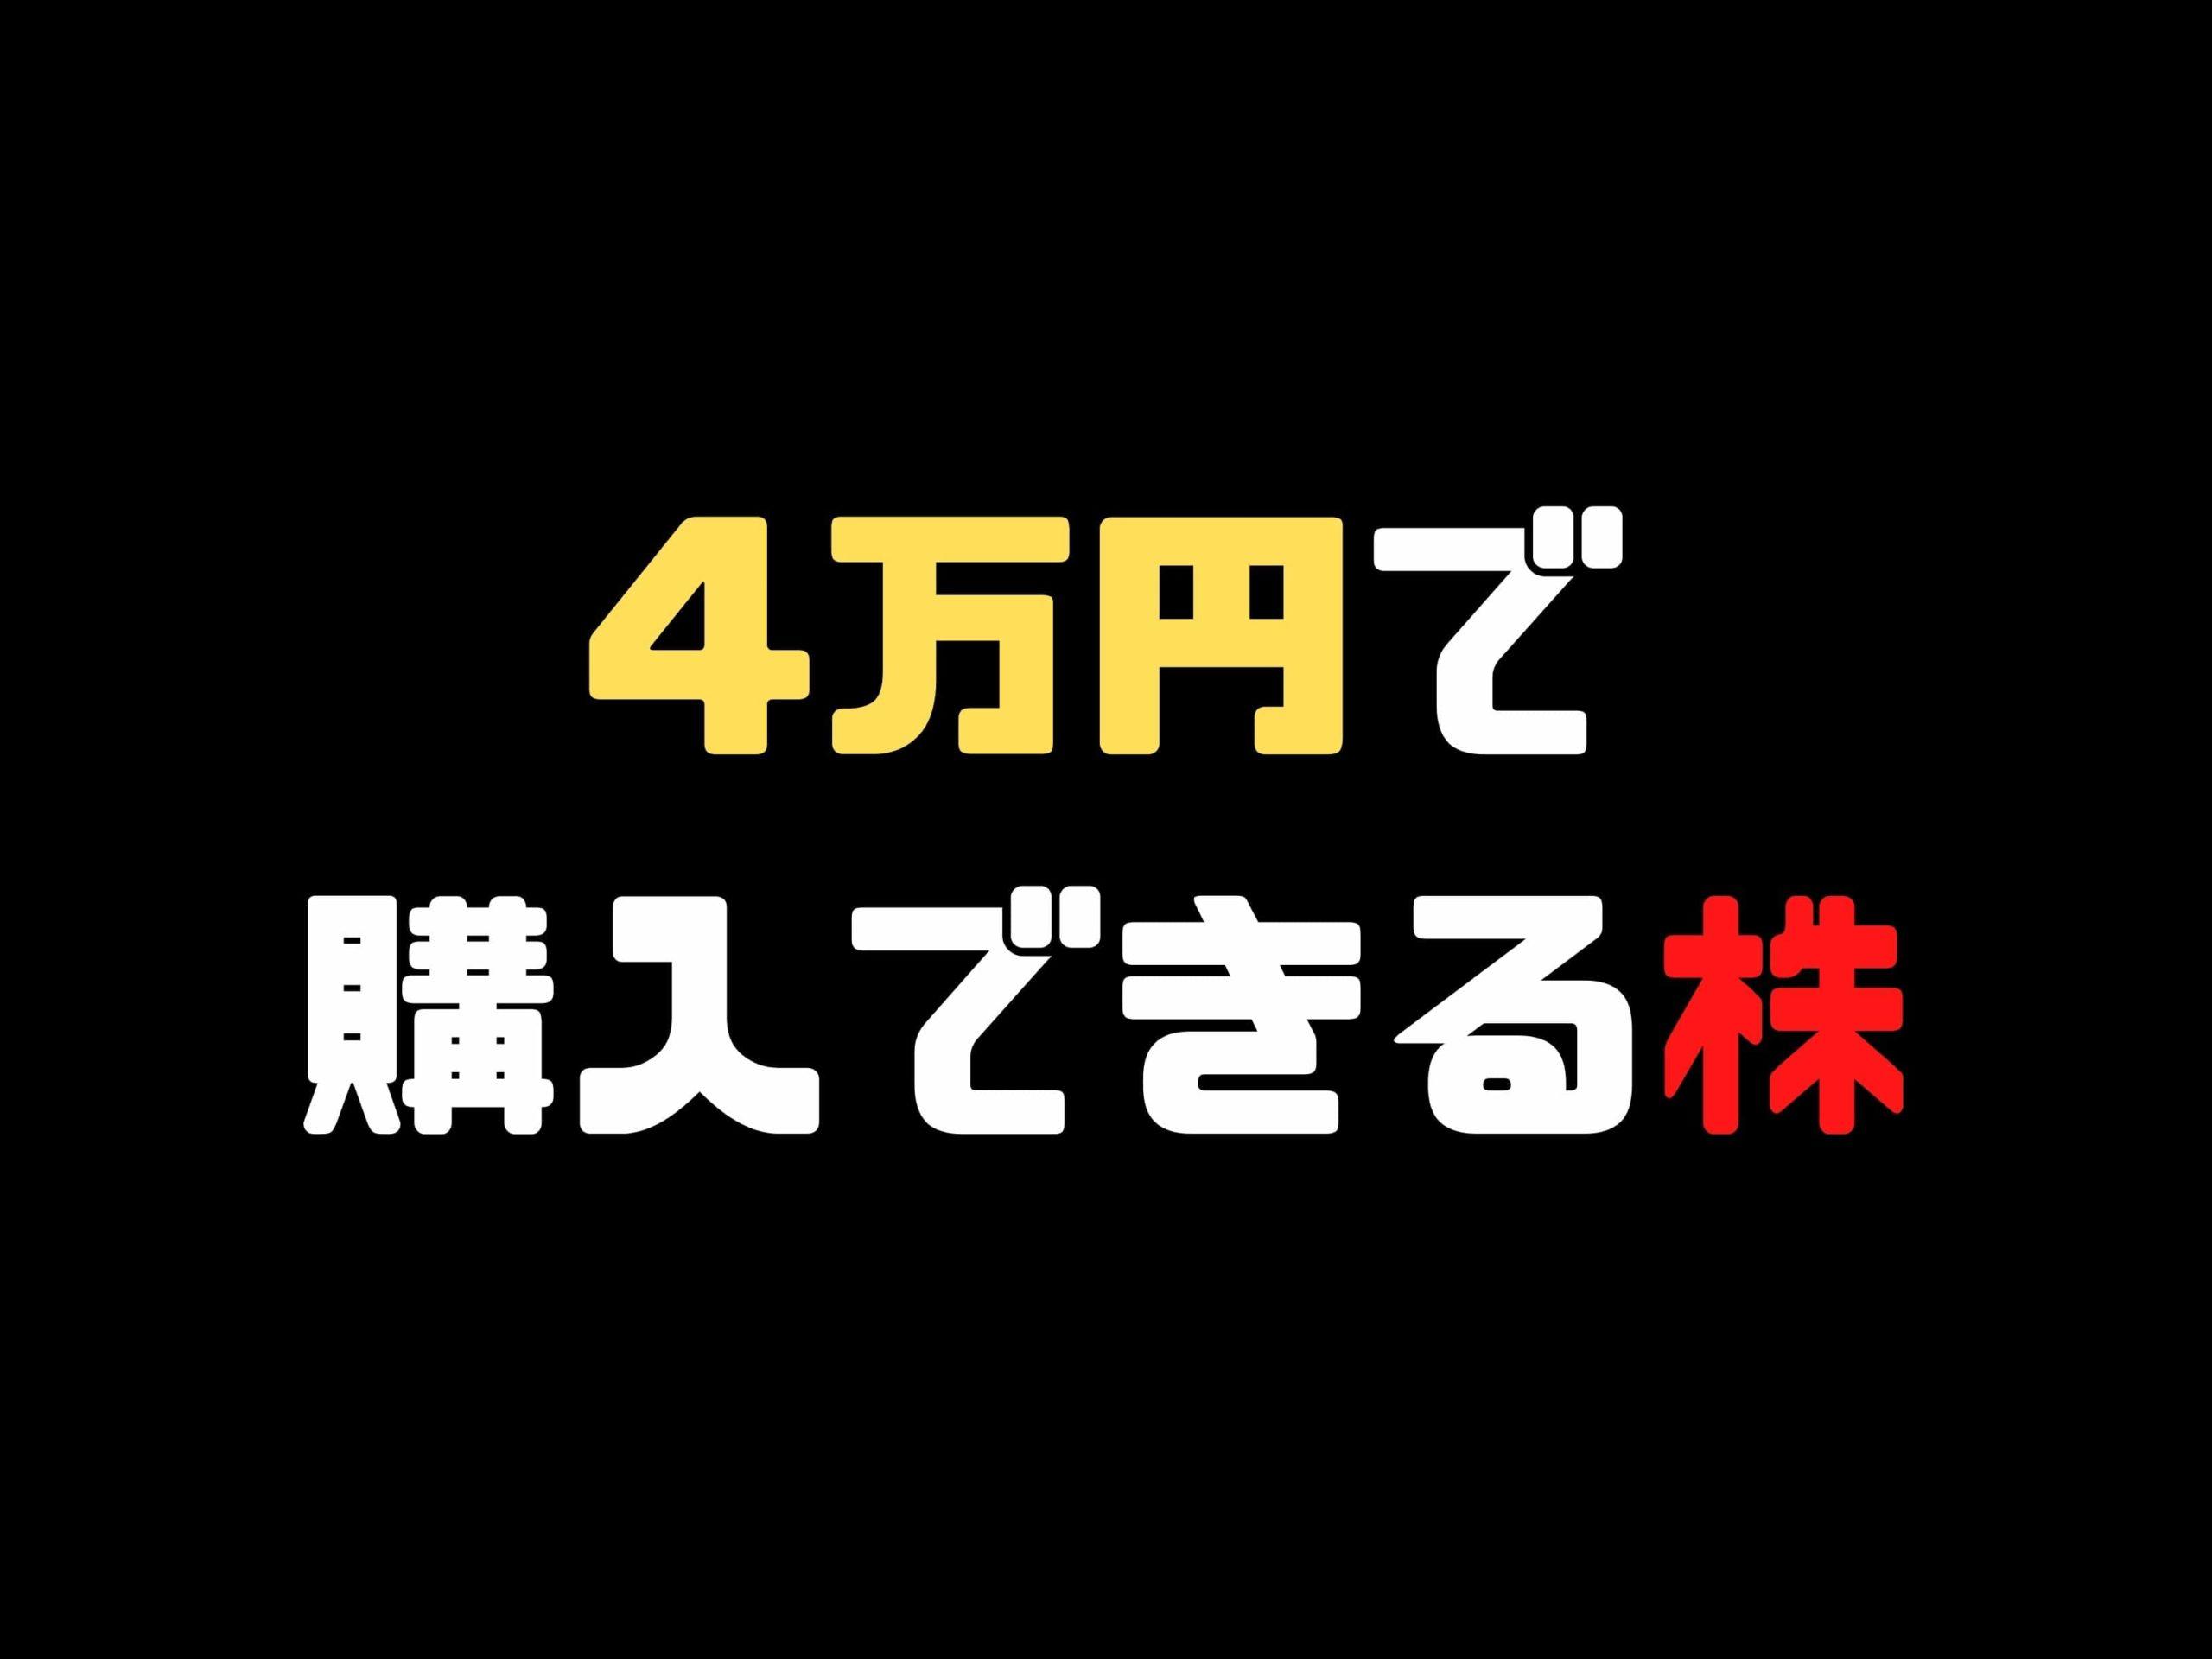 【2021年版】4万円以下で買える日本株一覧!配当金で購入可能